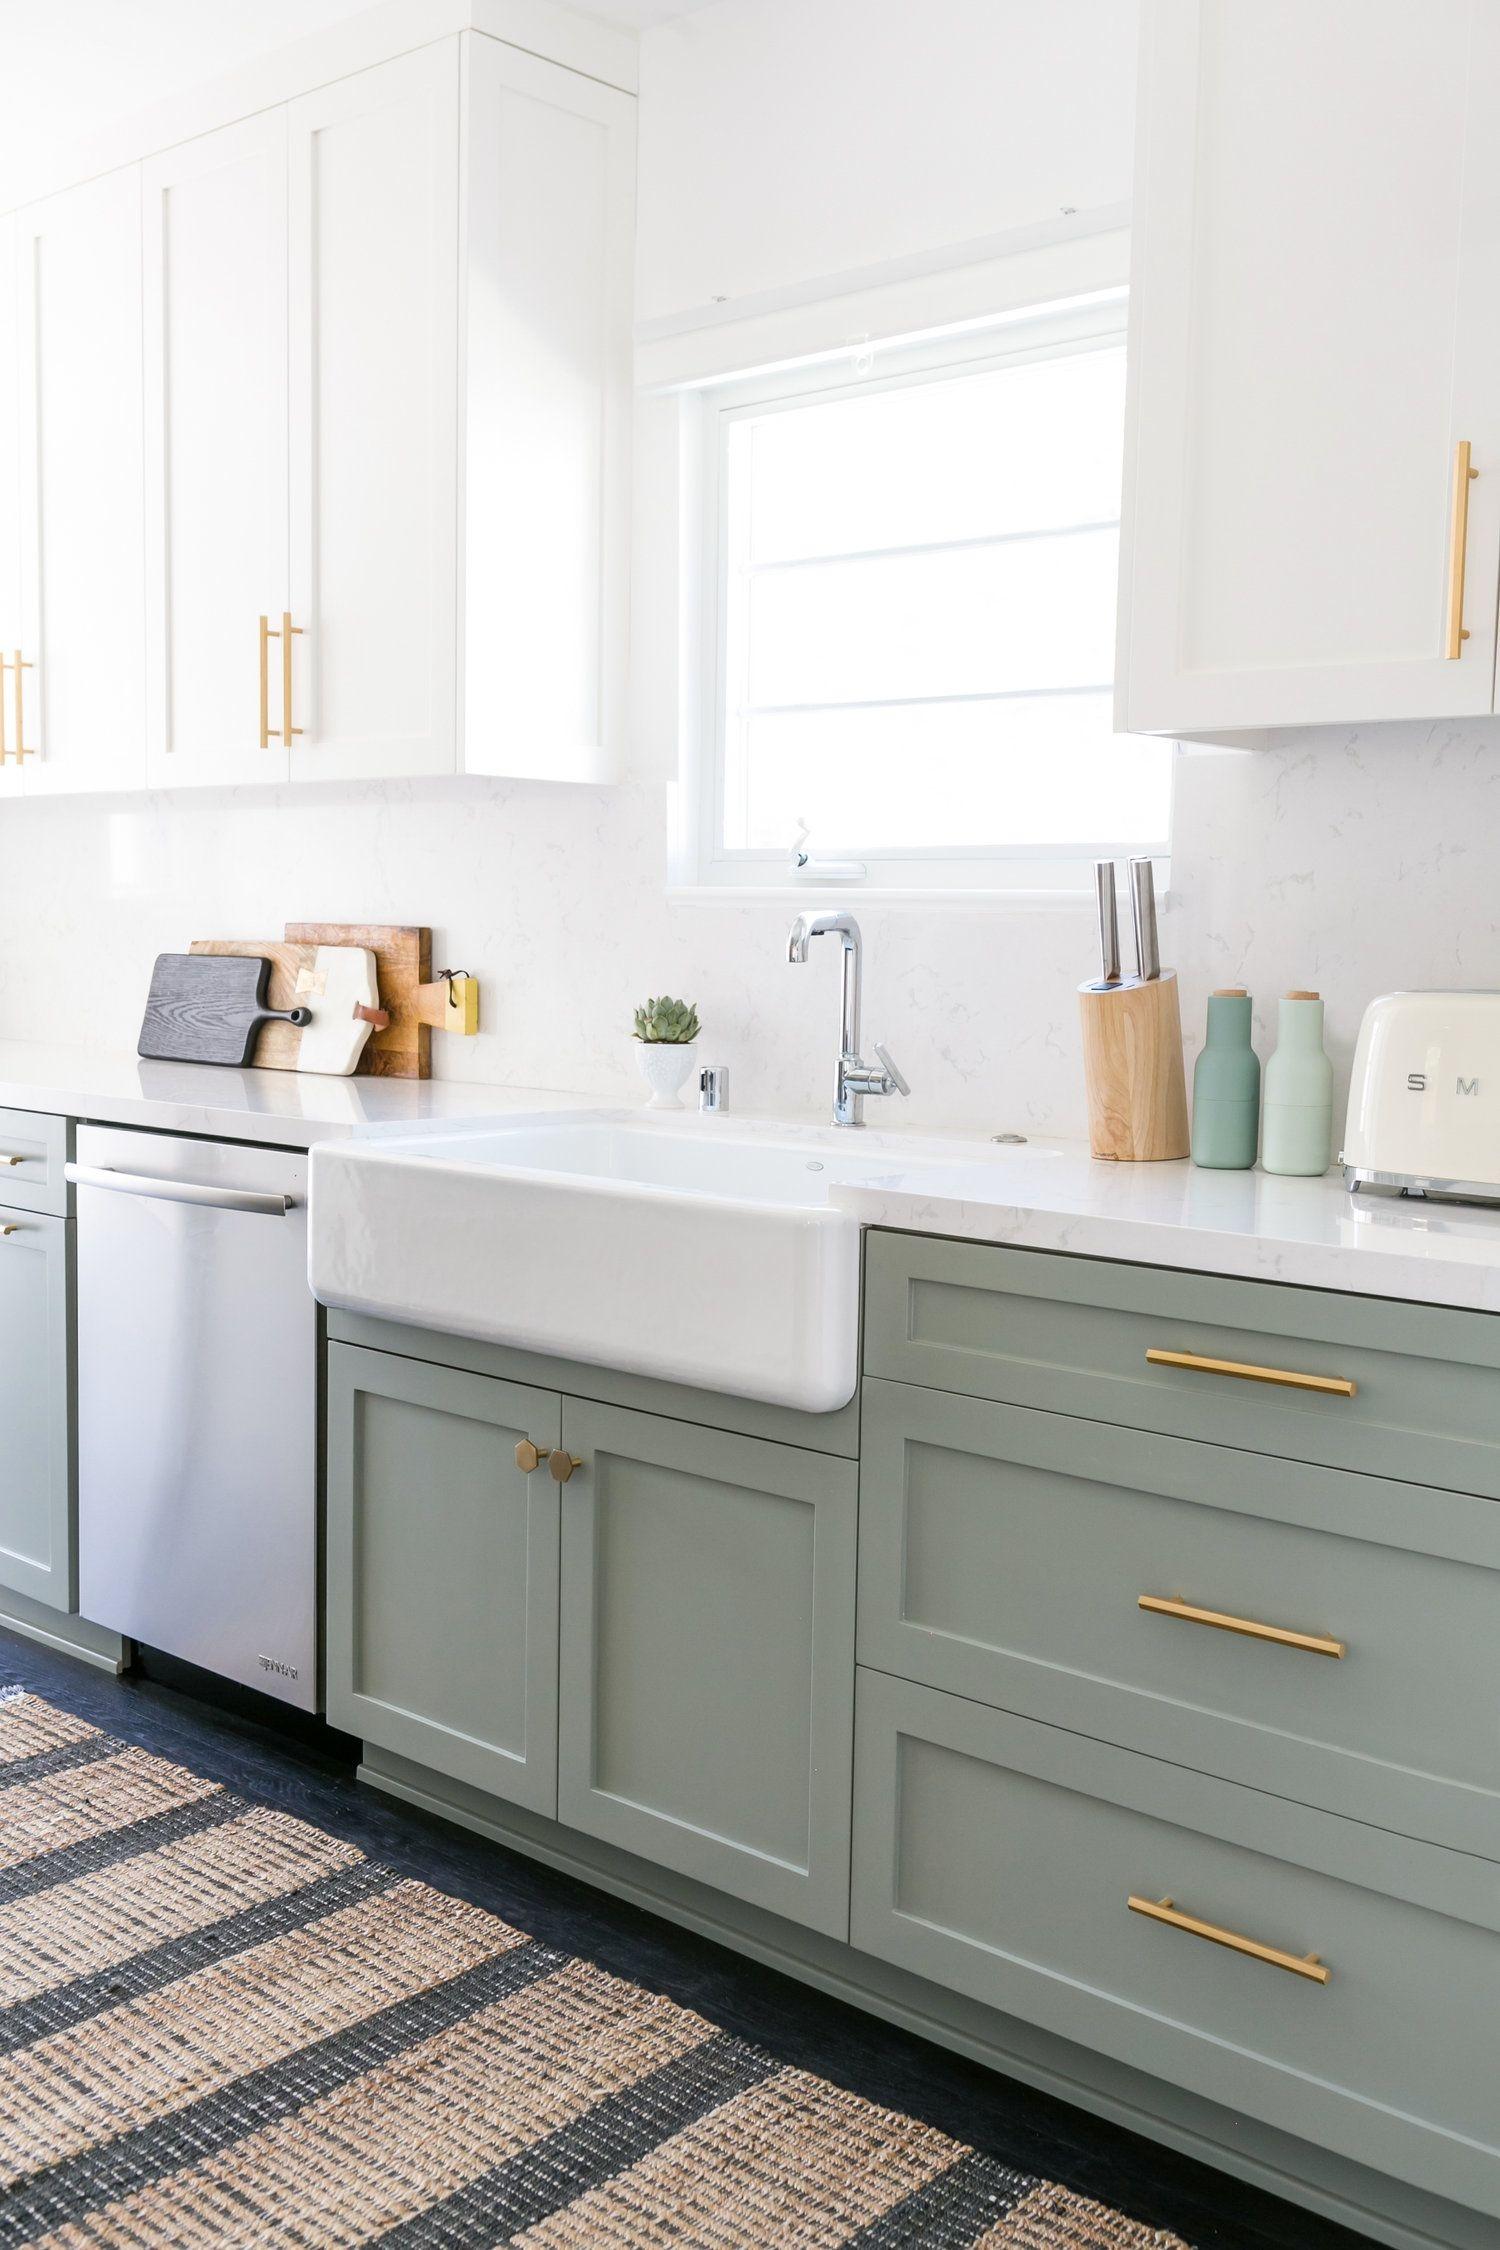 Thêm tay nắm tủ cũng là cách hiệu quả tăng thêm hiệu ứng bắt mắt cho góc nấu nướng của gia đình